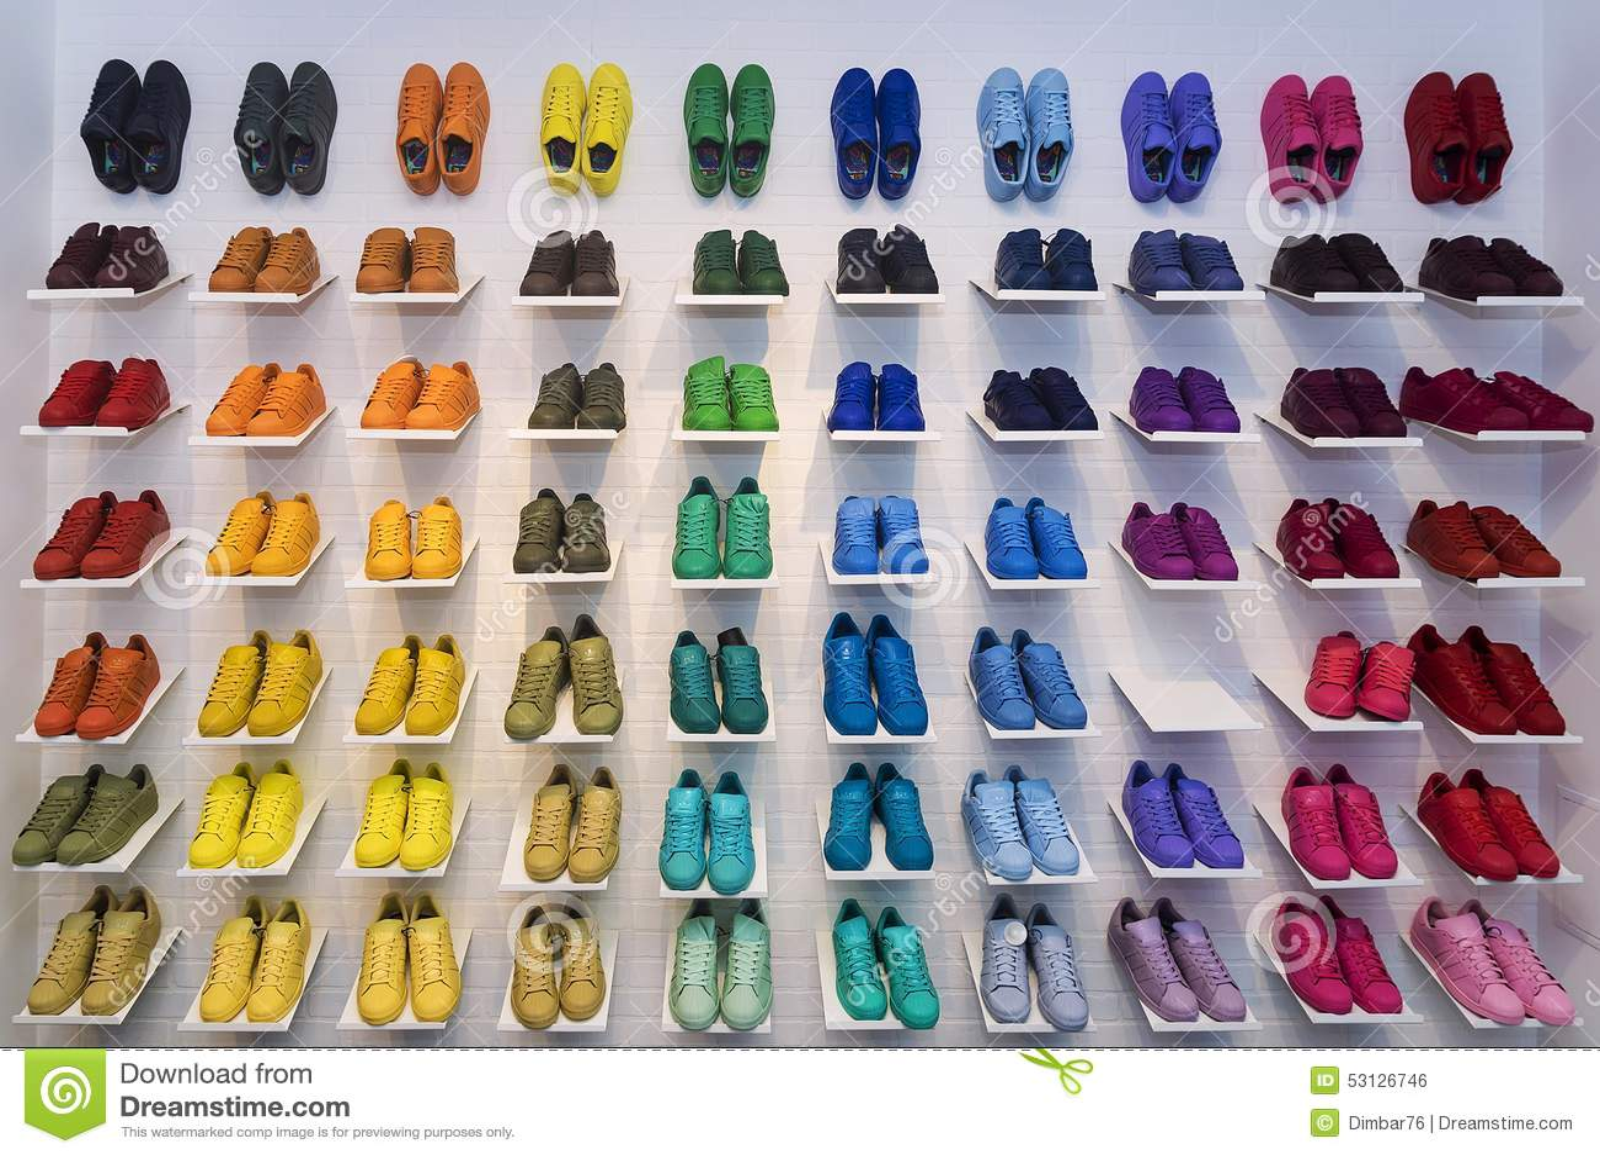 MOSCA, RUSSIA - 12 APRILE: Scarpe di originali di Adidas in uno stor della scarpa